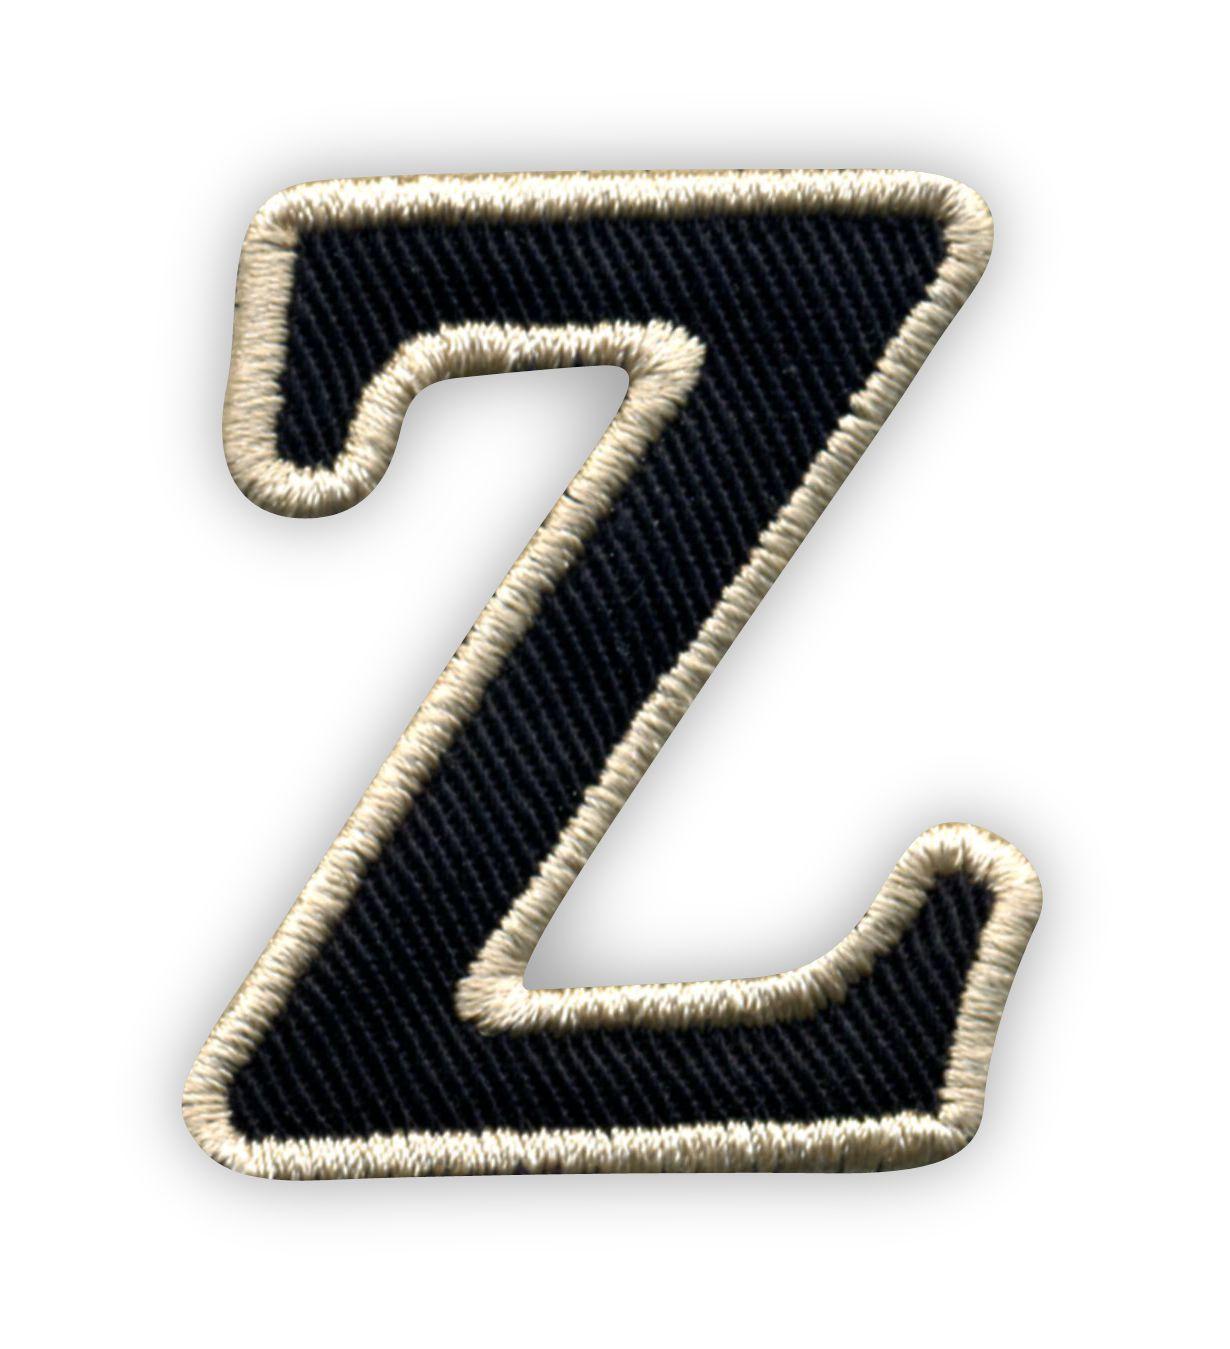 Litera Z Czarne Tło Beżowe Obszycie Naszywki24pl Sklep